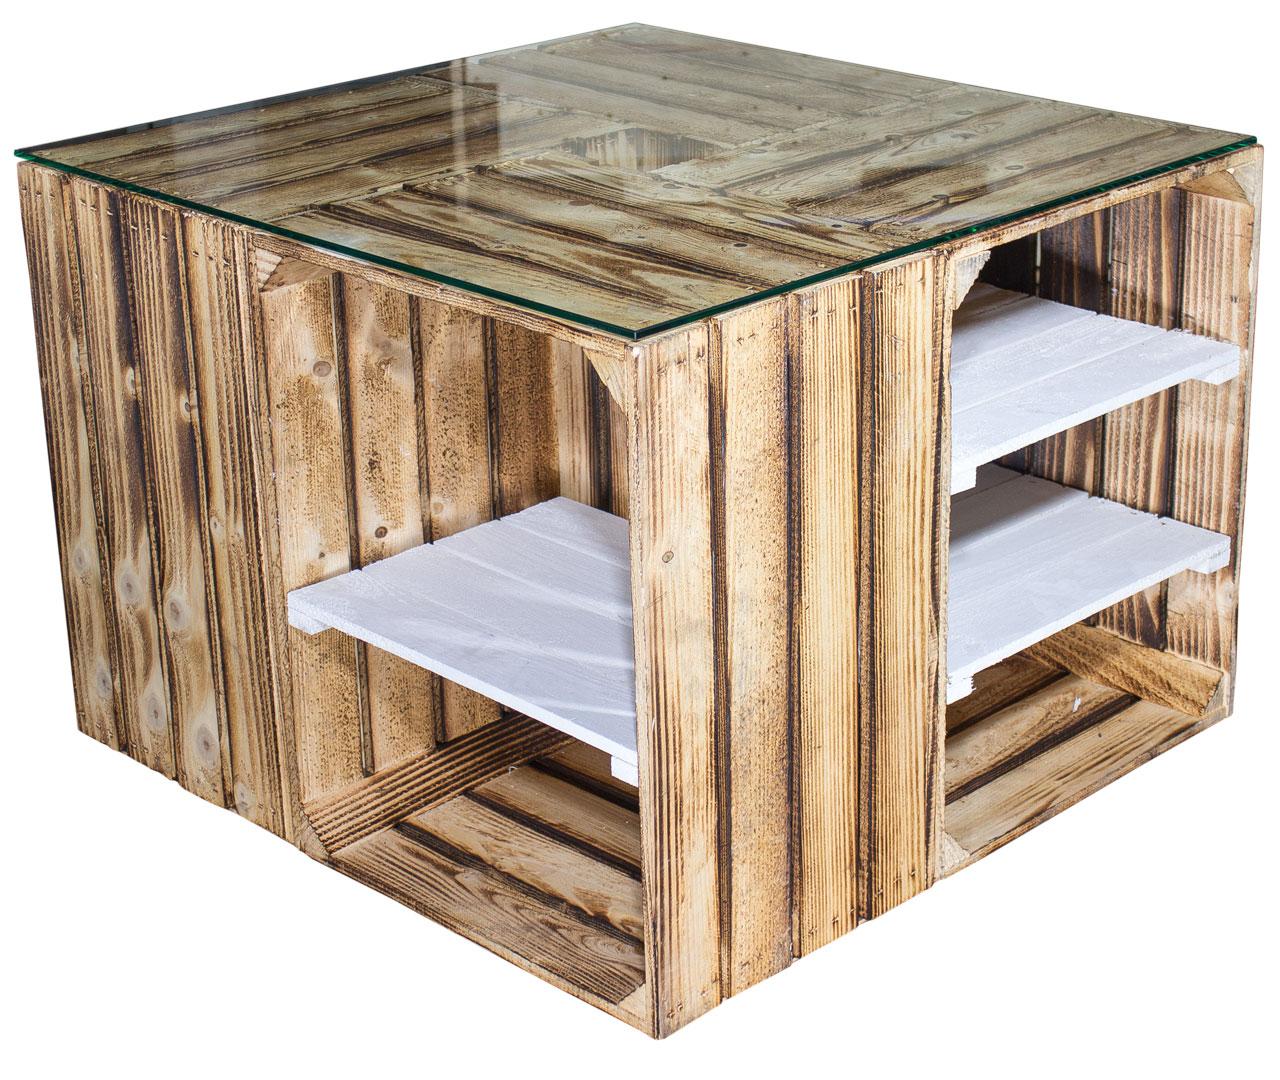 tischvariationen couchtisch aus geflammten regalkisten inkl glasplatte 70x70x50cm. Black Bedroom Furniture Sets. Home Design Ideas